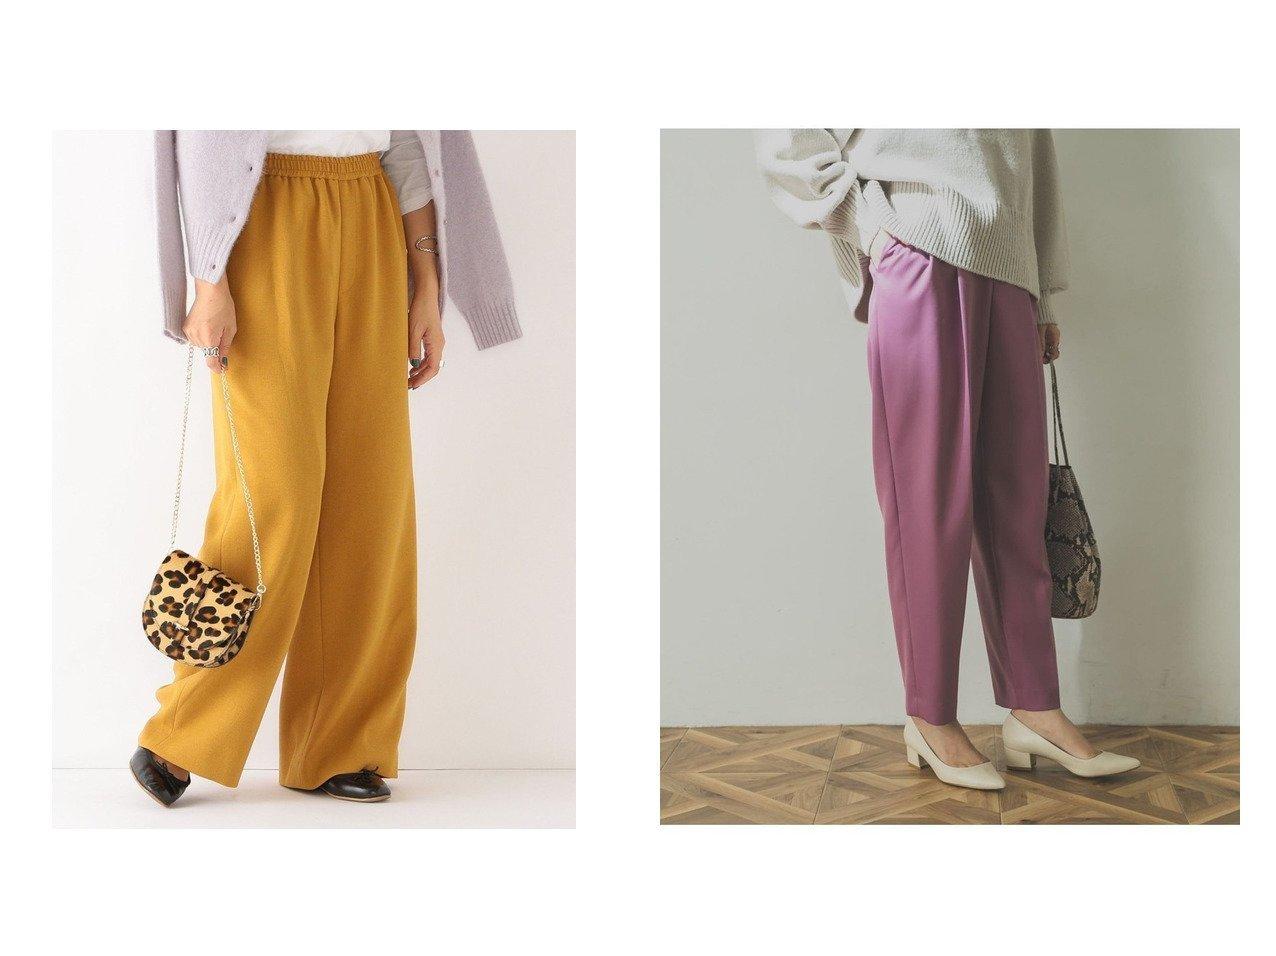 【URBAN RESEARCH/アーバンリサーチ】のカラータックパンツ&【SHIPS any/シップス エニィ】のSHIPS any: アムンゼン ウォーム イージーパンツ パンツのおすすめ!人気、レディースファッションの通販 おすすめで人気のファッション通販商品 インテリア・家具・キッズファッション・メンズファッション・レディースファッション・服の通販 founy(ファニー) https://founy.com/ ファッション Fashion レディース WOMEN パンツ Pants ウォーム ギャザー ジーンズ ストレート バランス リラックス 秋冬 A/W Autumn/ Winter |ID:crp329100000001454